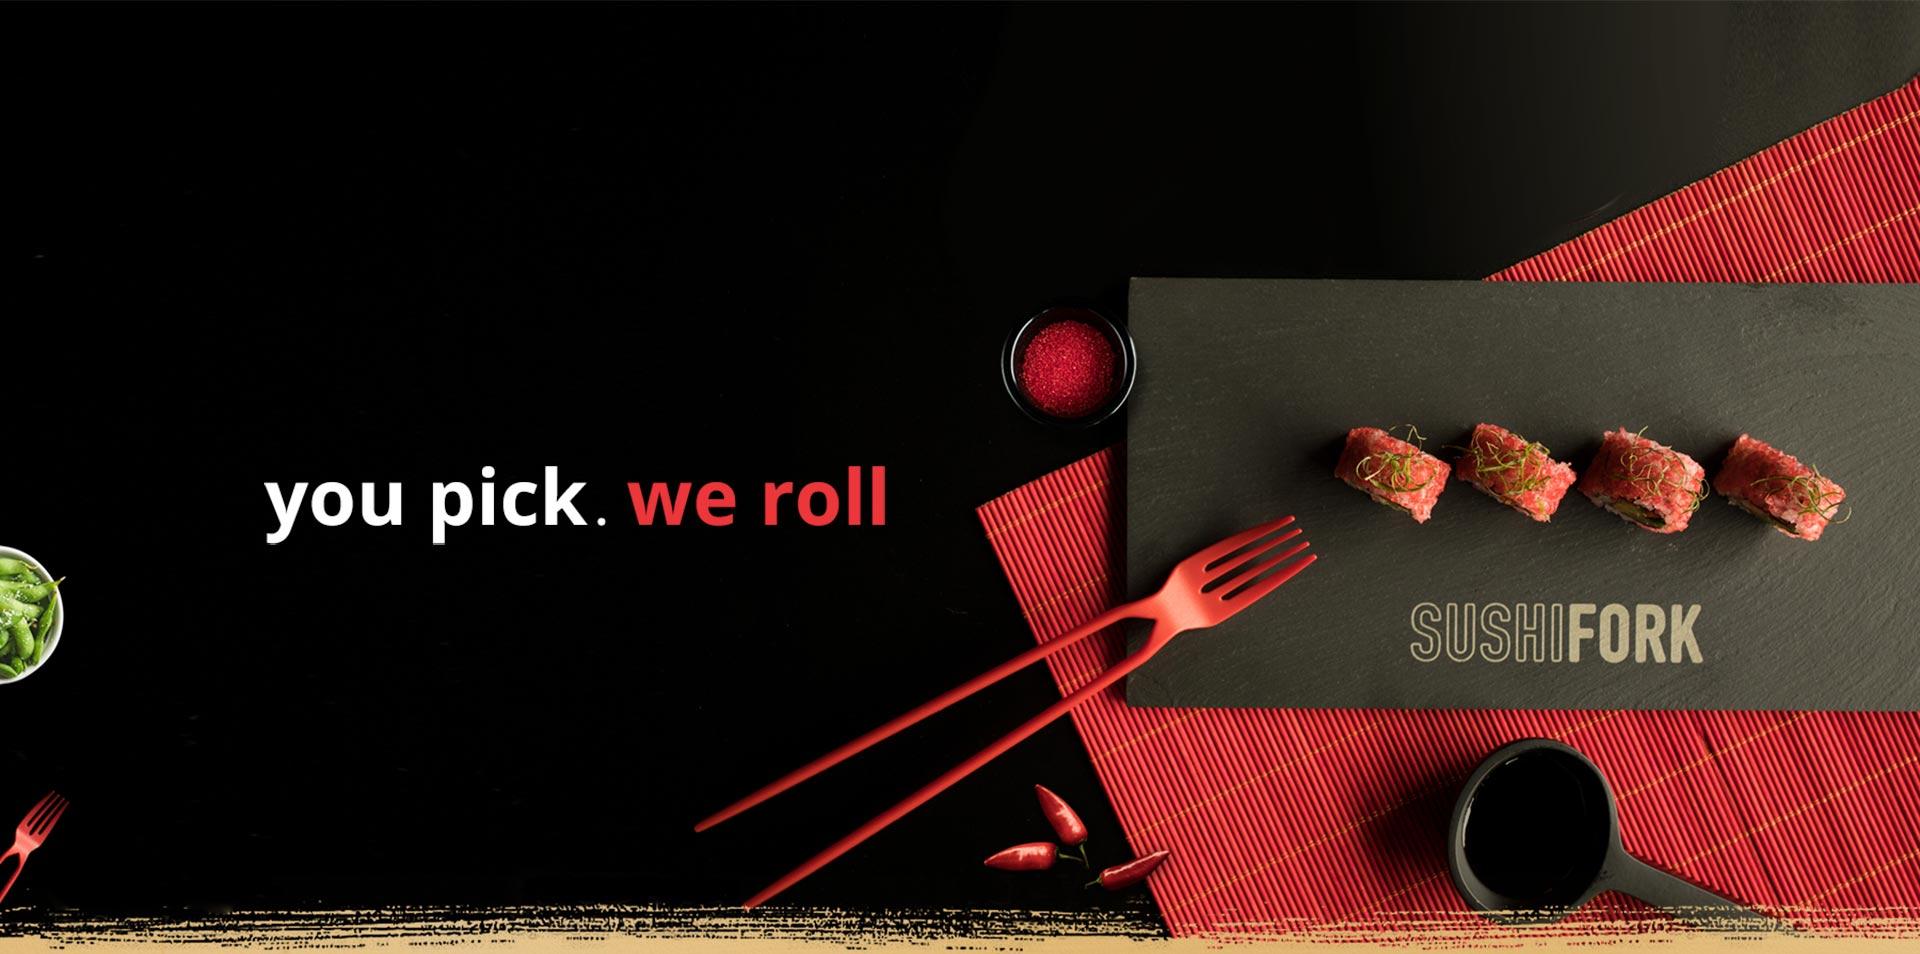 Sushi-Fork-Restaurant-Tulsa-Oklahoma-Home-bg-1